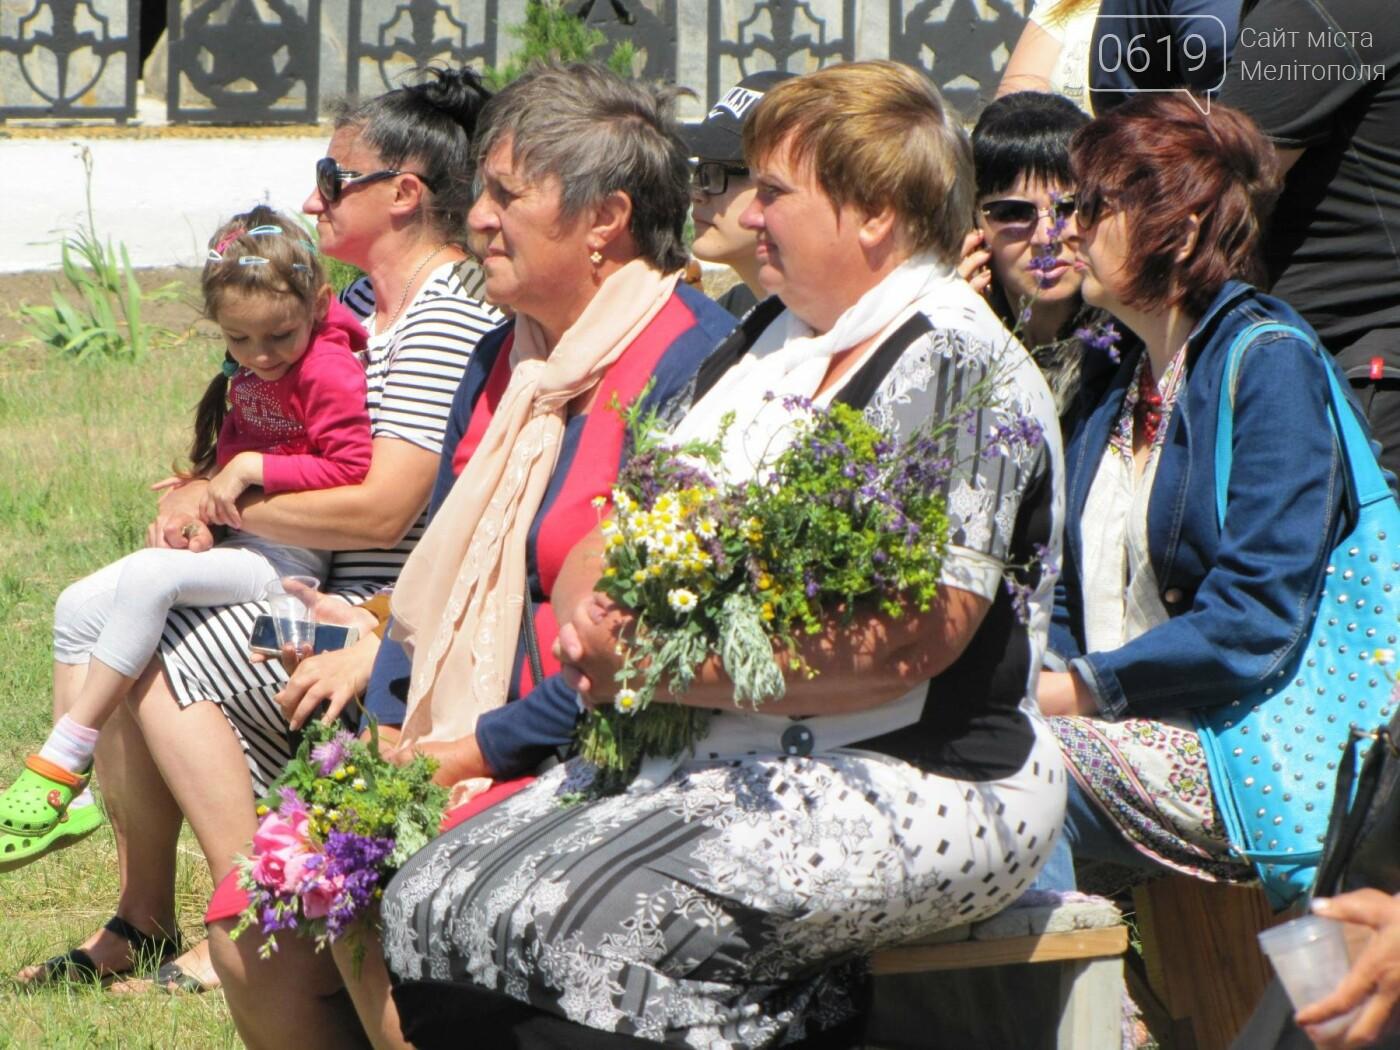 Жители Мелитопольщины отпраздновали Троицу, фото-15